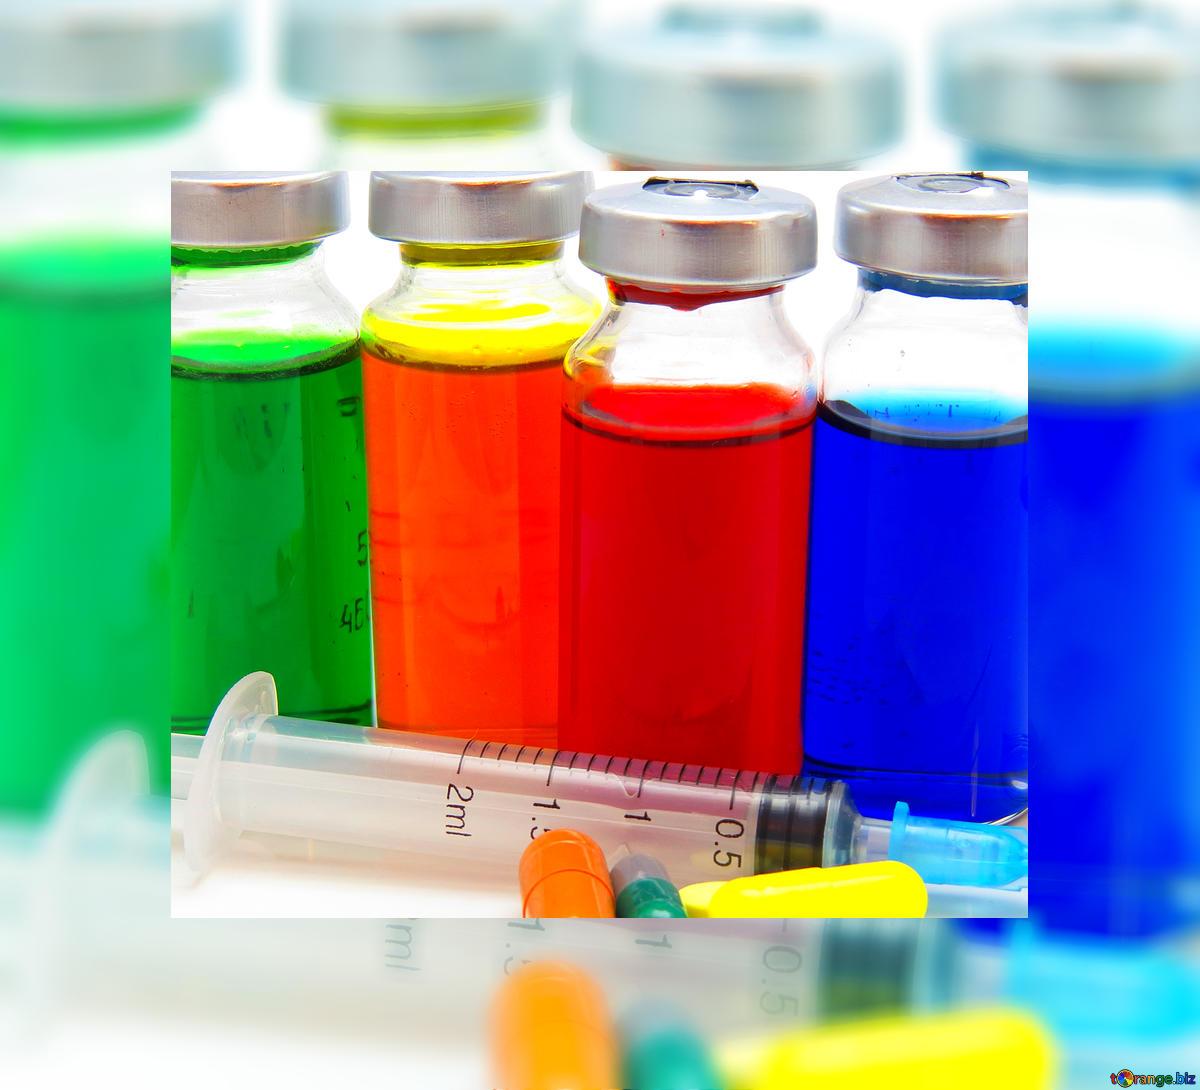 Reazioni chimiche-chimicamo